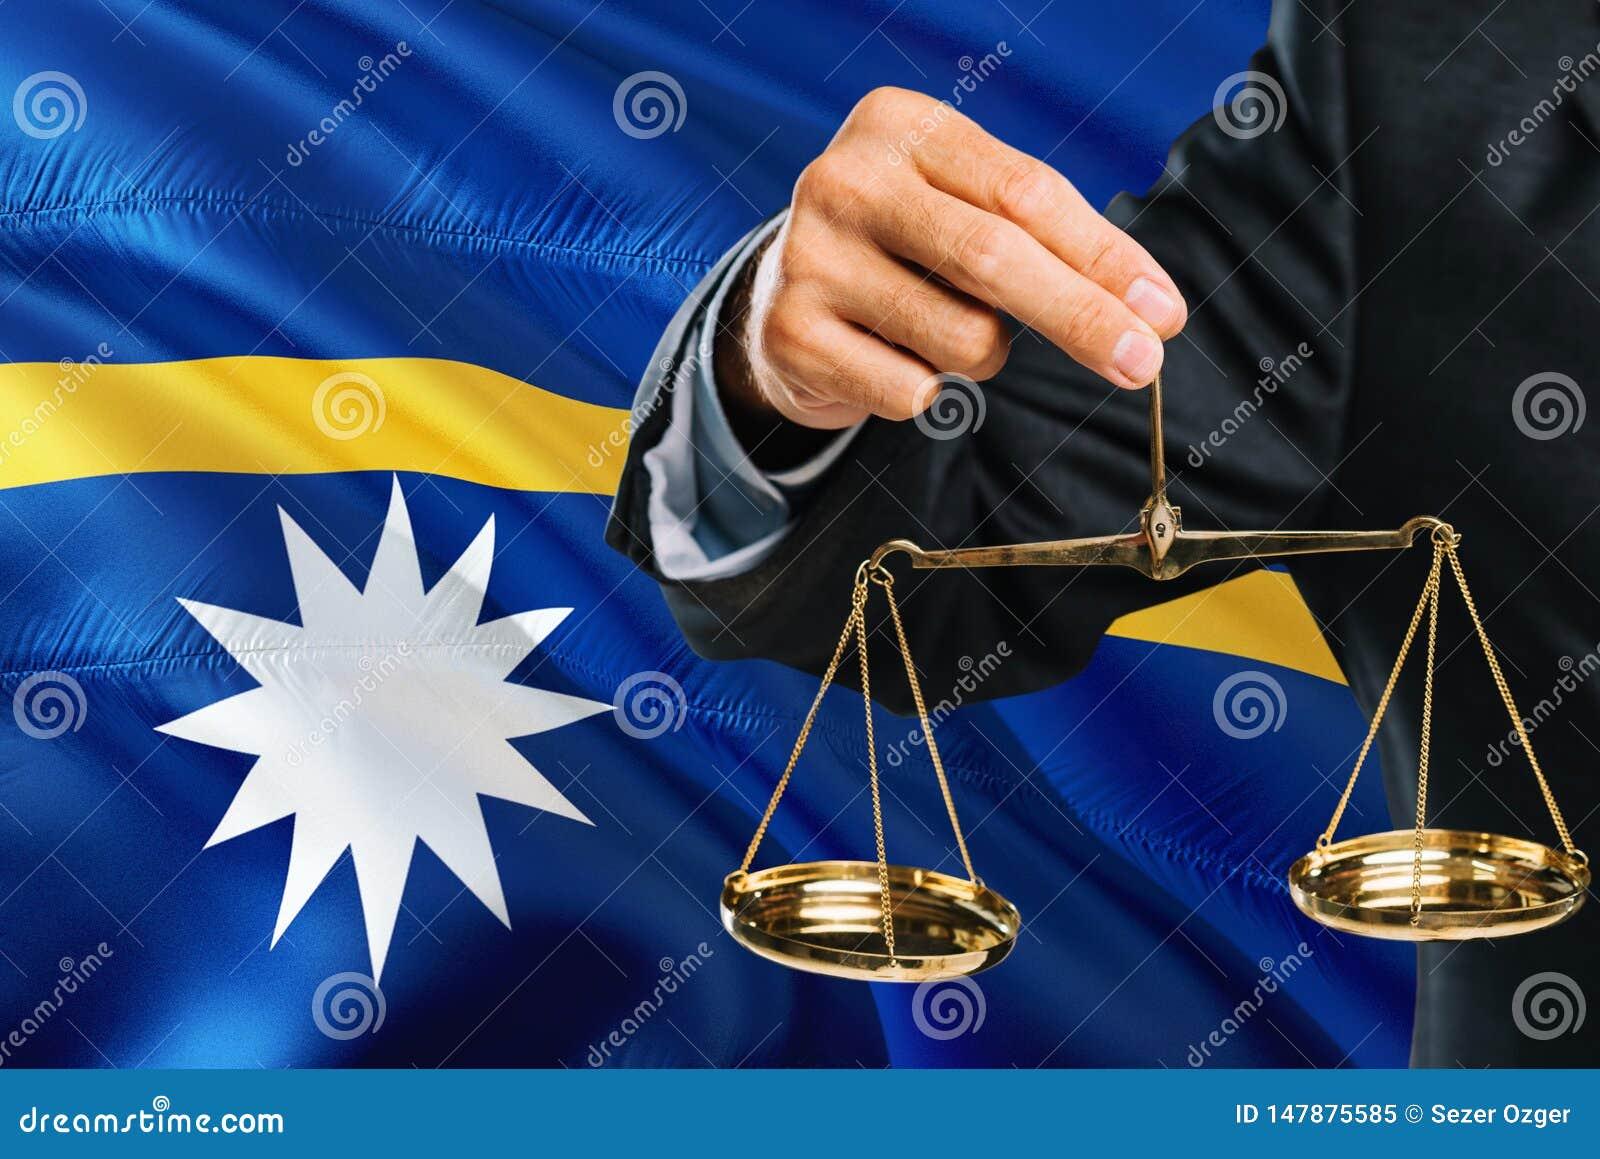 O juiz nauruano está guardando escalas douradas de justiça com fundo de ondulação da bandeira de Nauru Tema da igualdade e concei